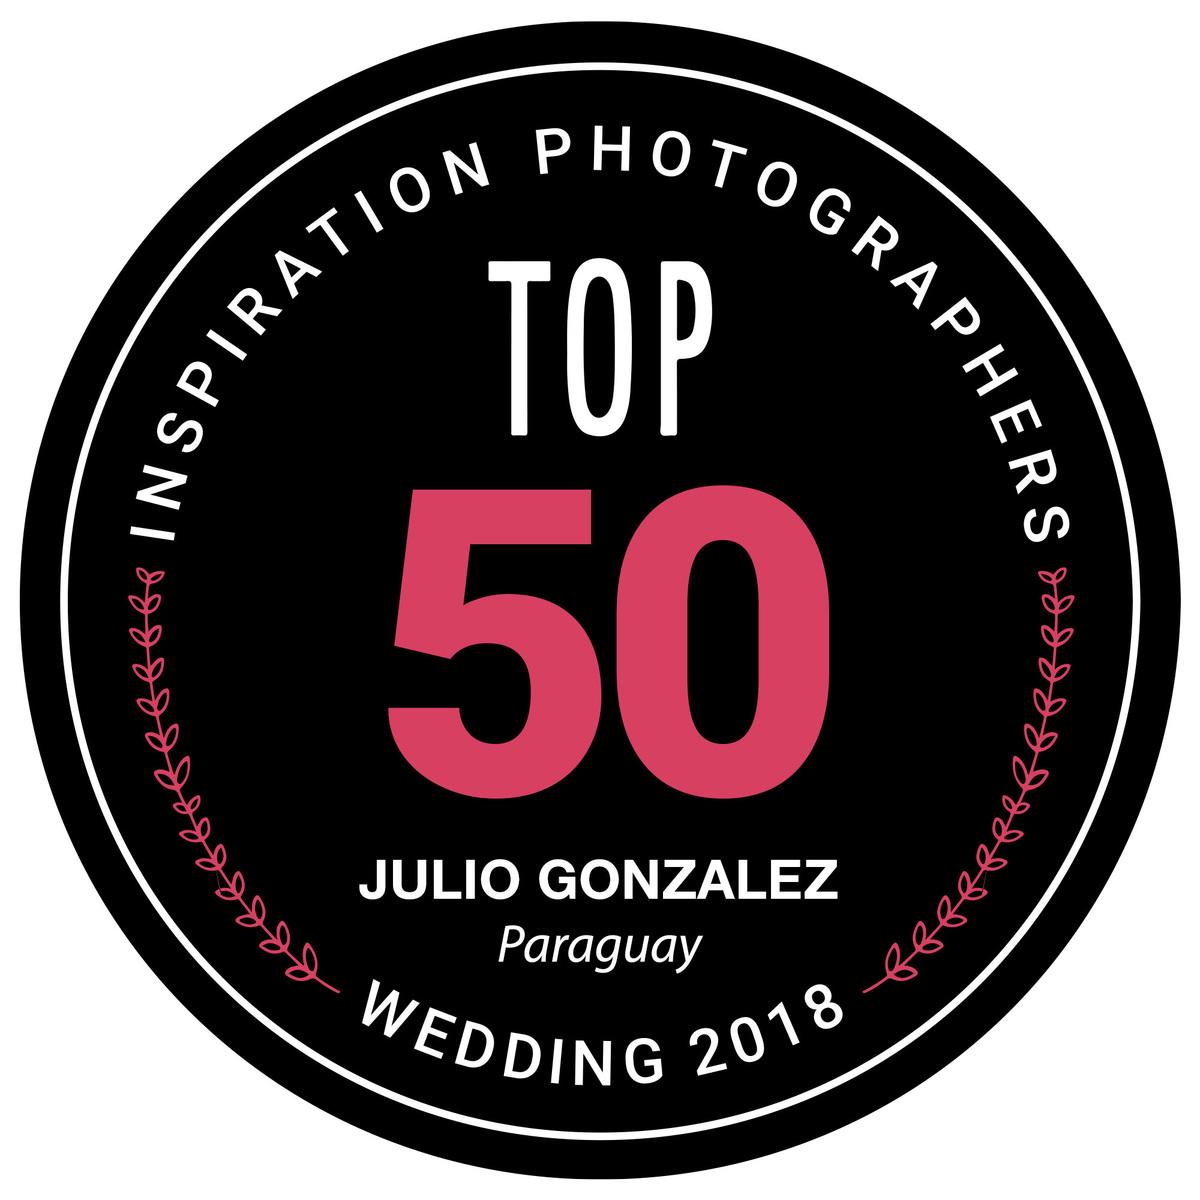 Imagem capa - Top 50 Mundial de Inspiration Photographer por JULIO CESAR GONZALEZ BOGADO